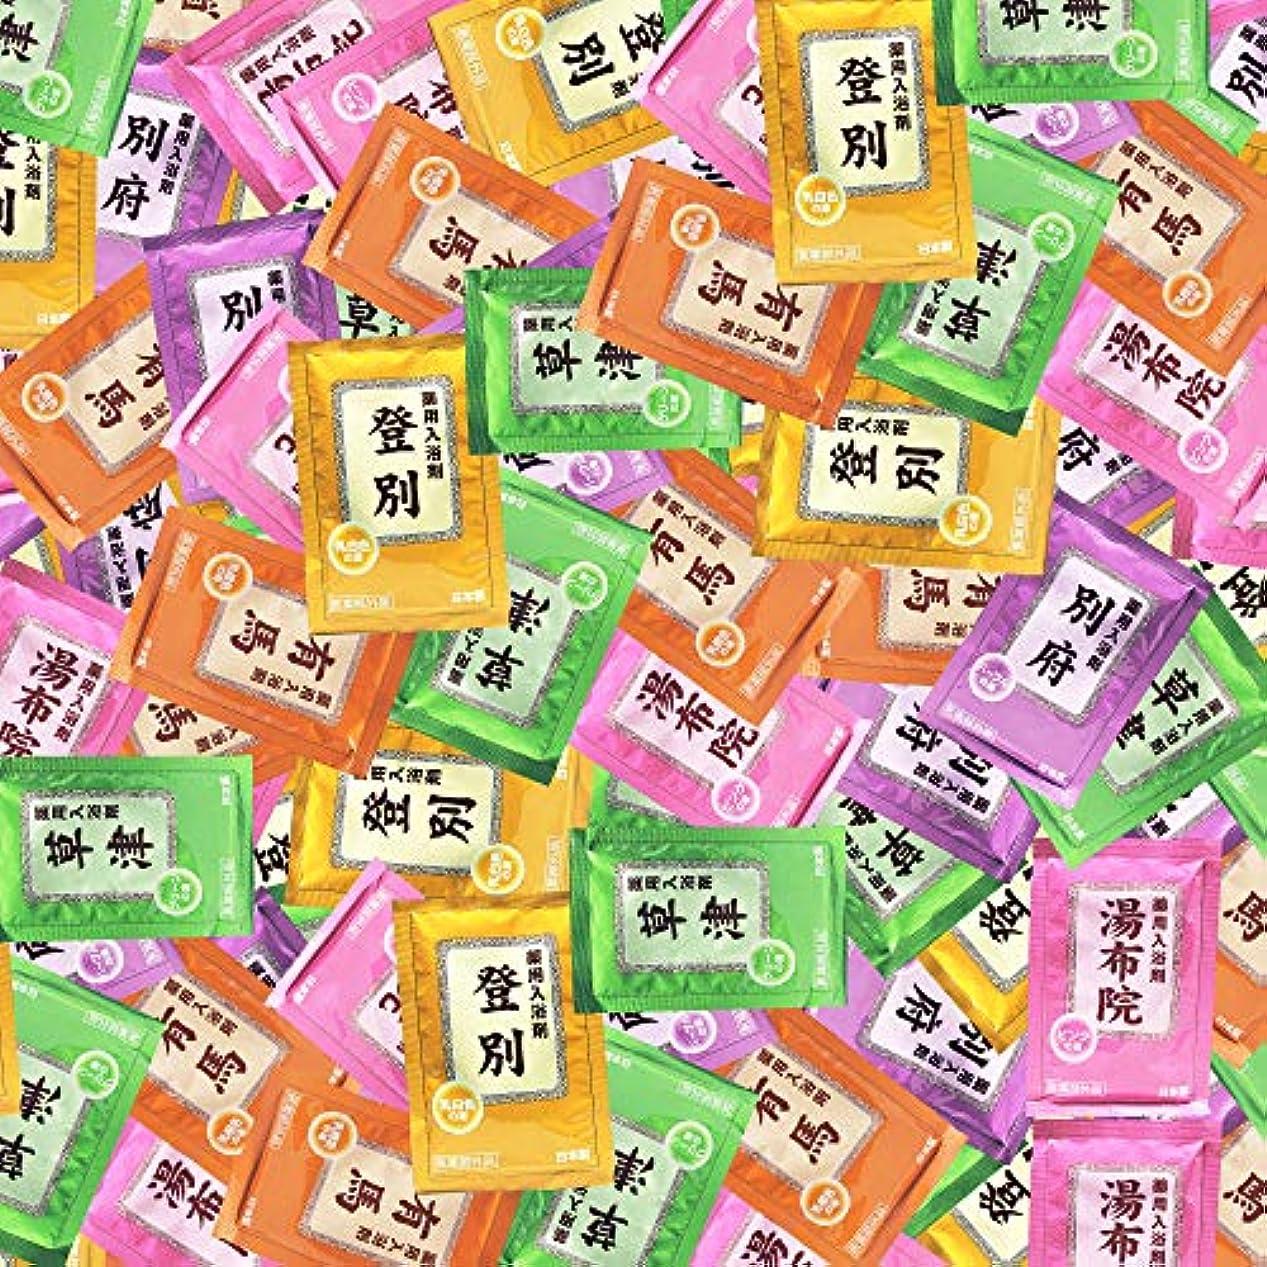 名前でいろいろ出発する入浴剤 ギフト プレゼント 湯宿めぐり 5種類 (200袋)セット